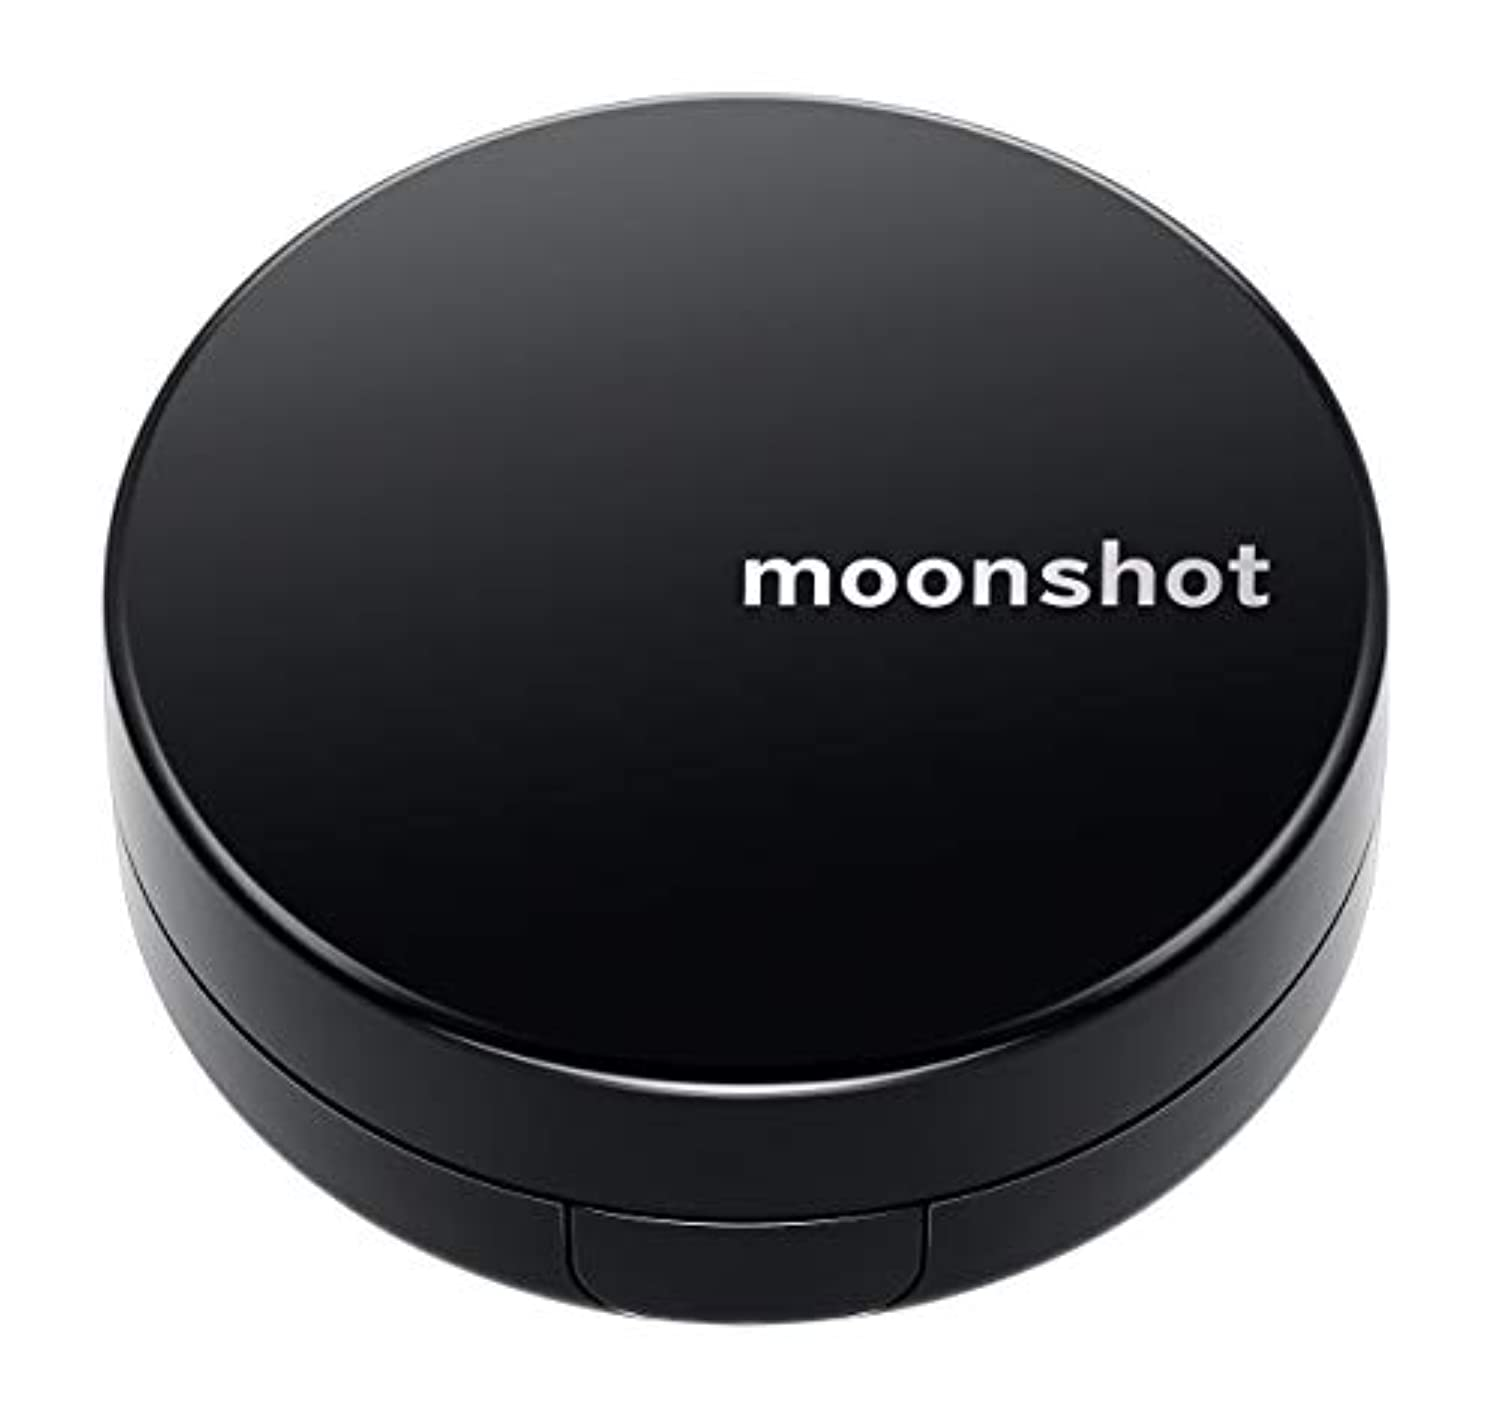 ターミナルブランド設置【moonshot × blackpink】自然なスキントーンと均一なカバー力 しわ改善 美白 紫外線遮断 ムーンショット マイクロフィットクッション201/正規品